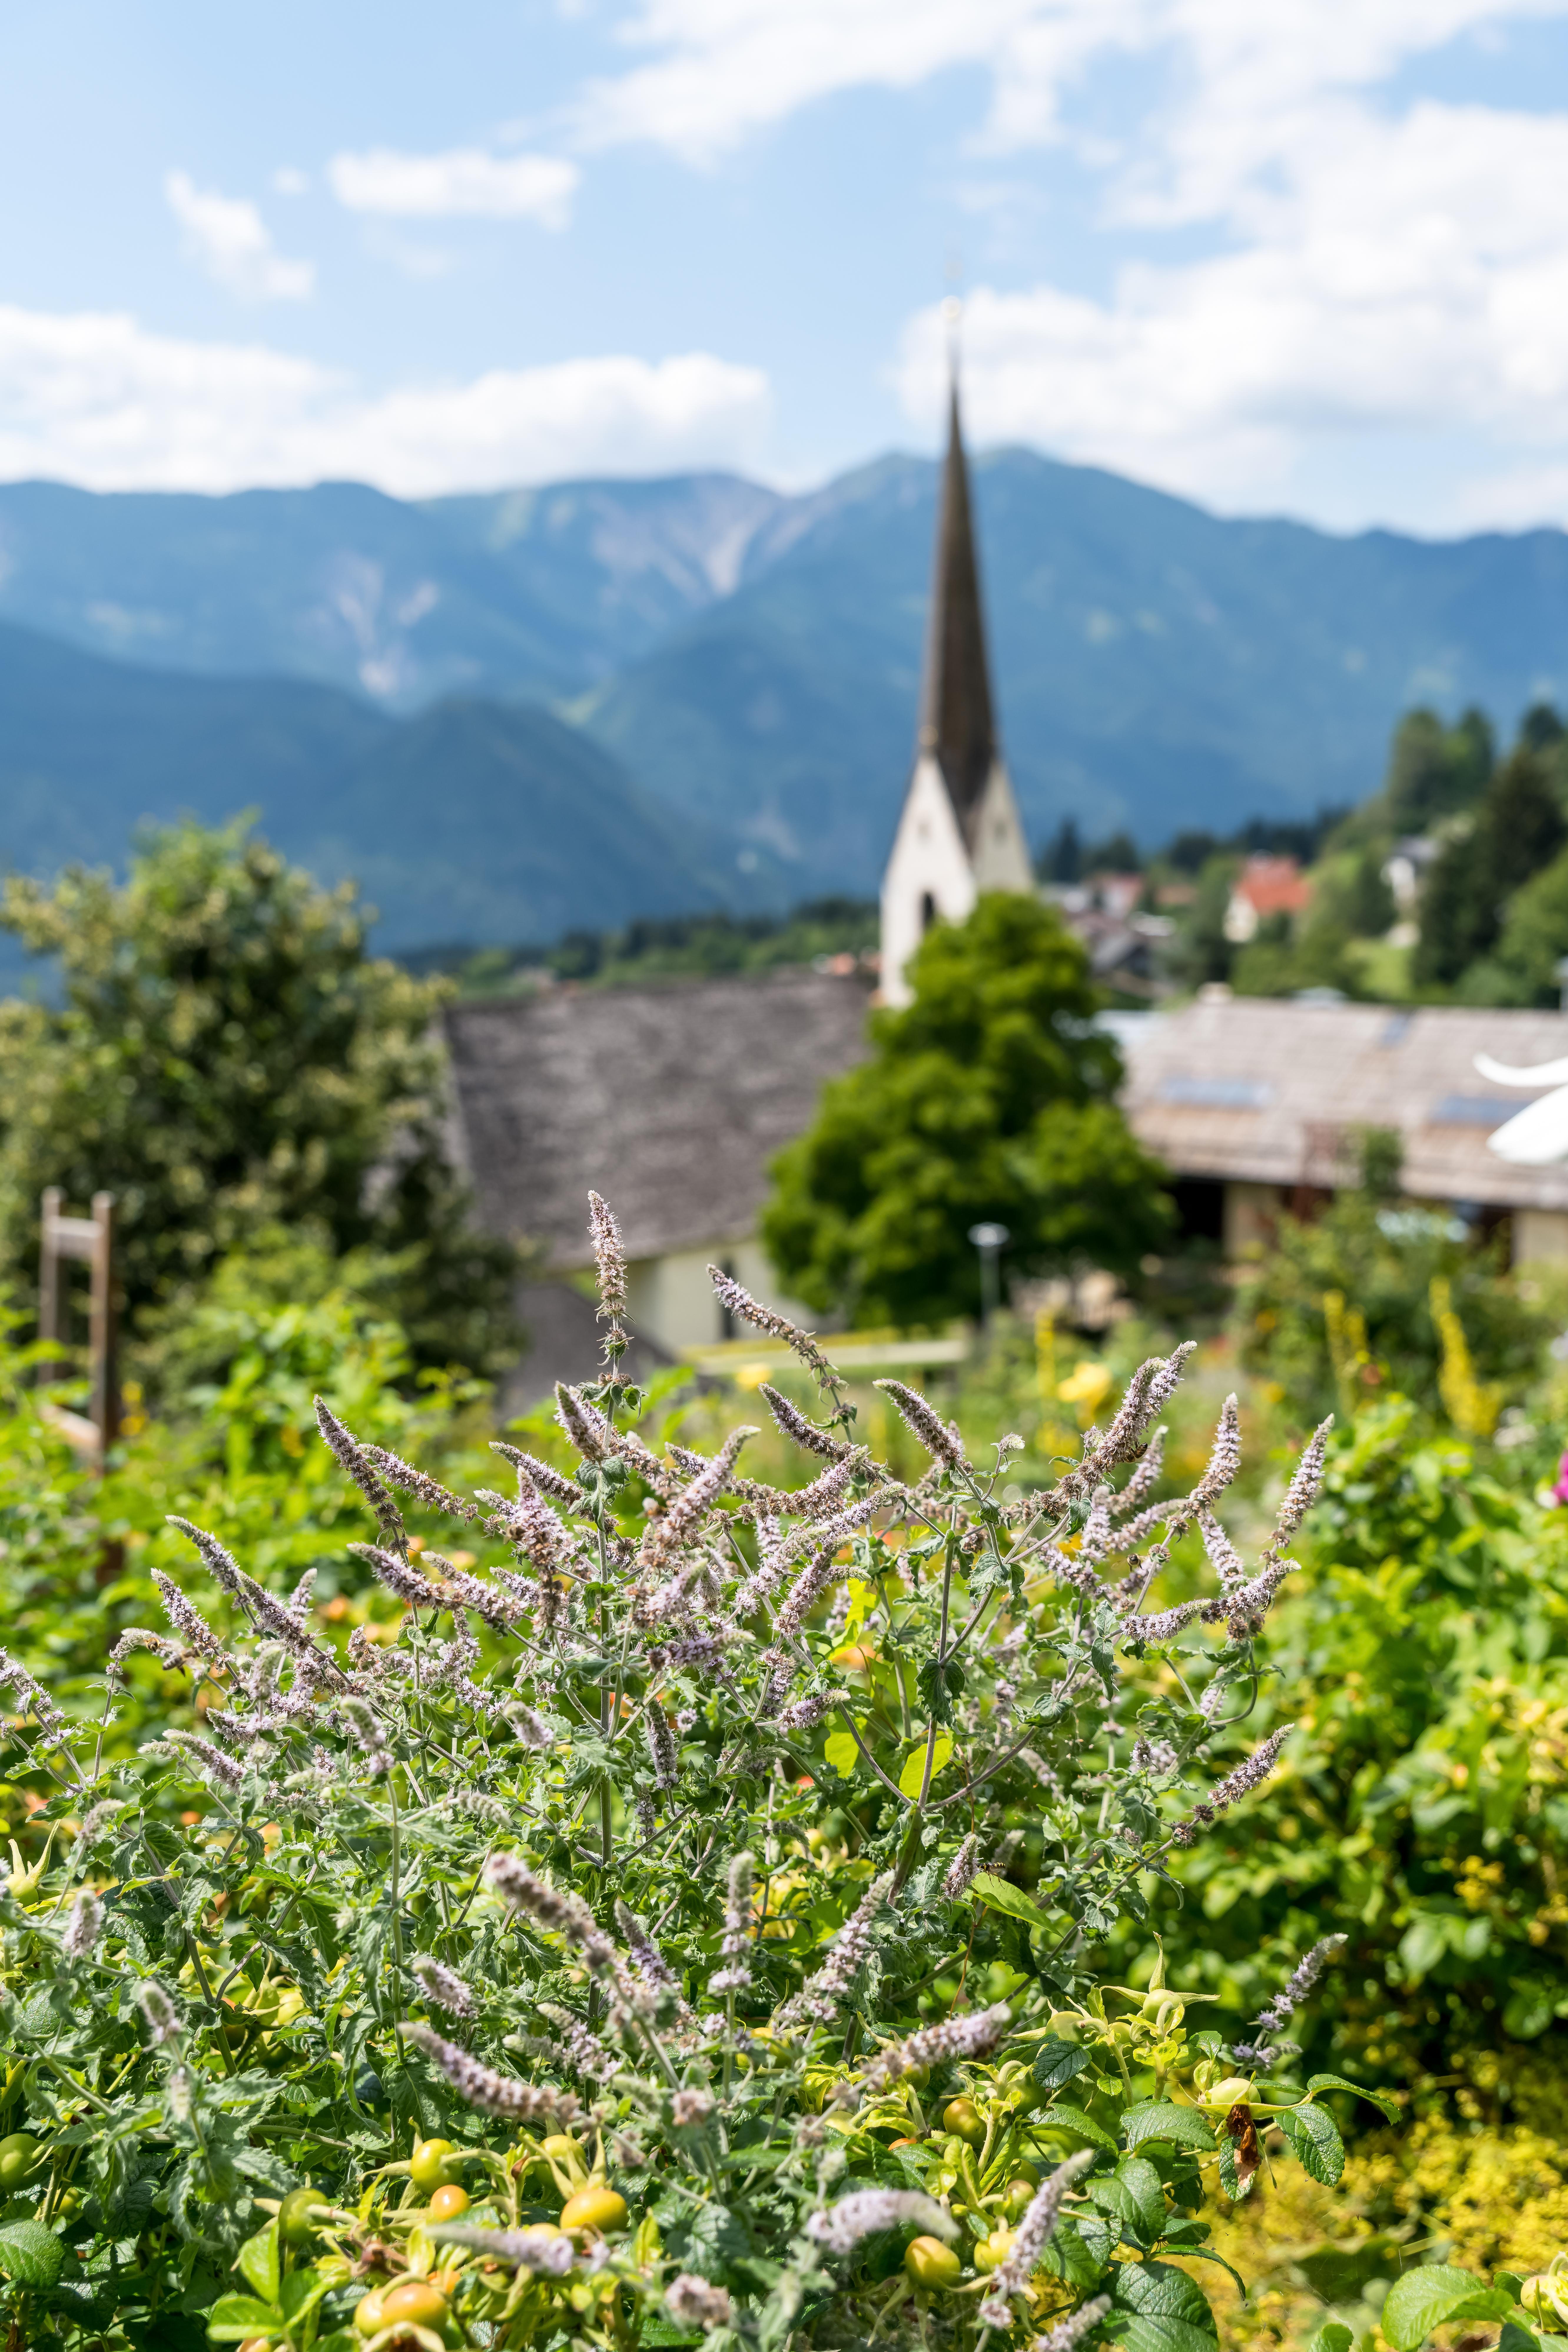 Irschen villaggio delle erbe in Carinzia (c) Österreich Werbung_Michael-Stabentheiner